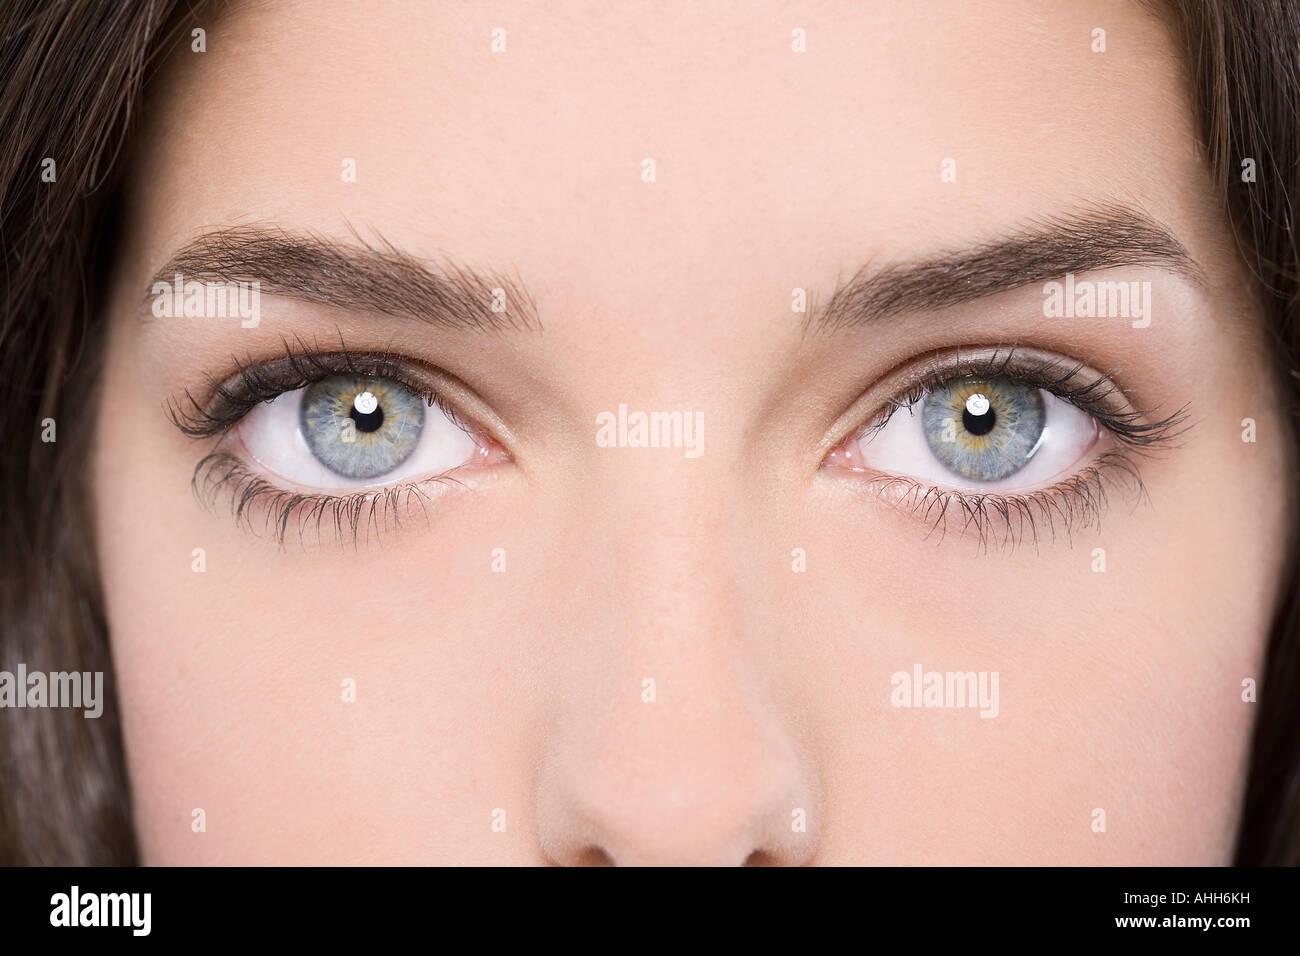 Close-Up of female eyes - Stock Image